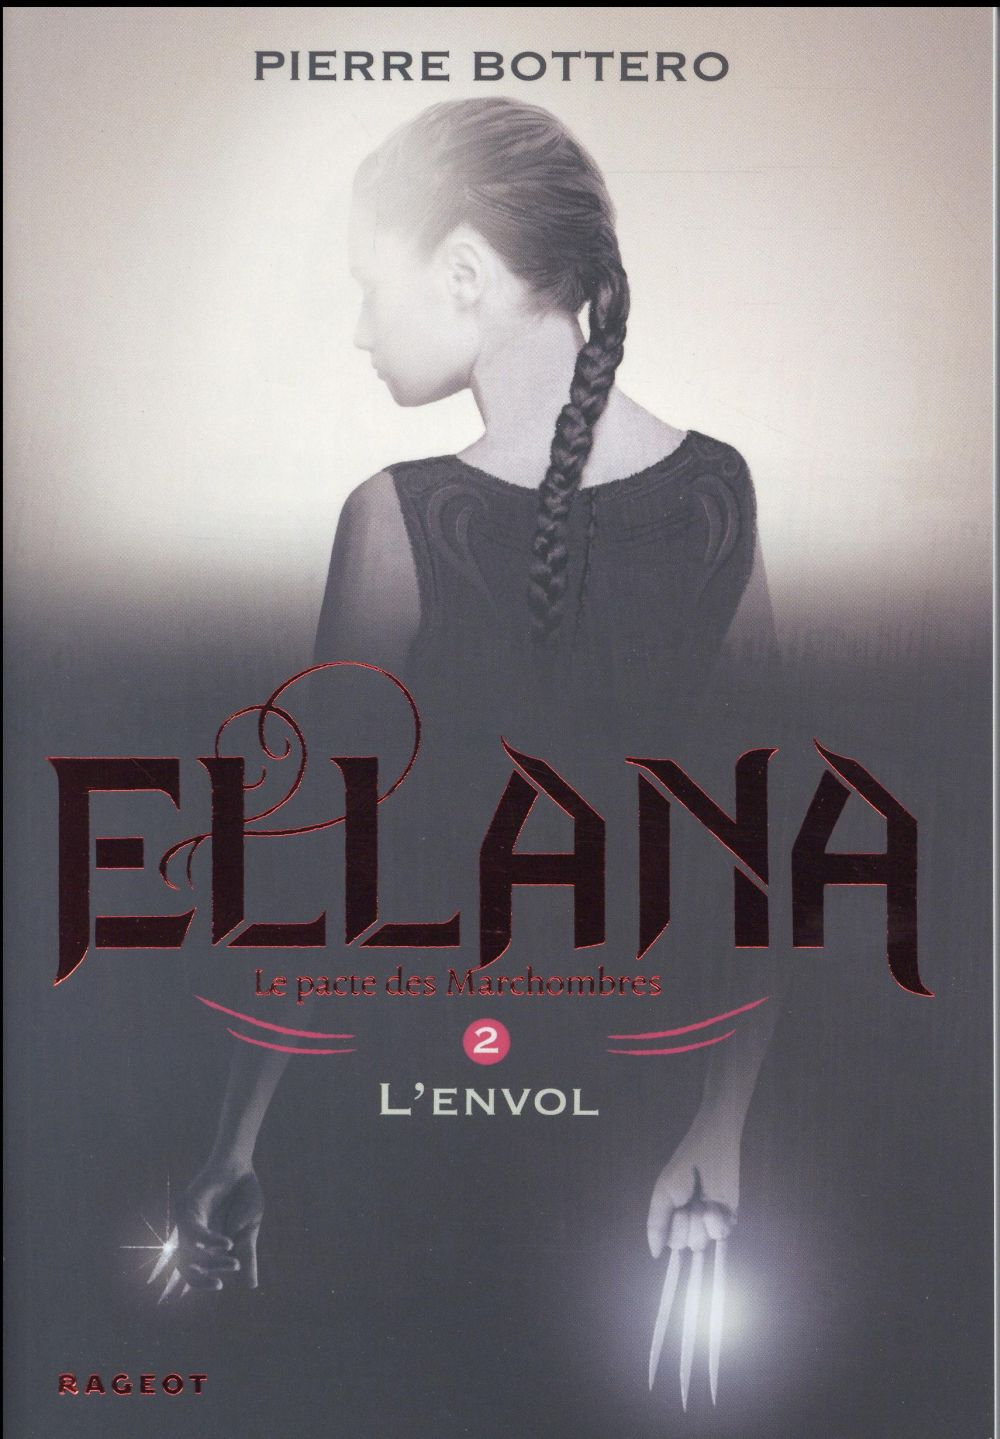 ELLANA L'ENVOL